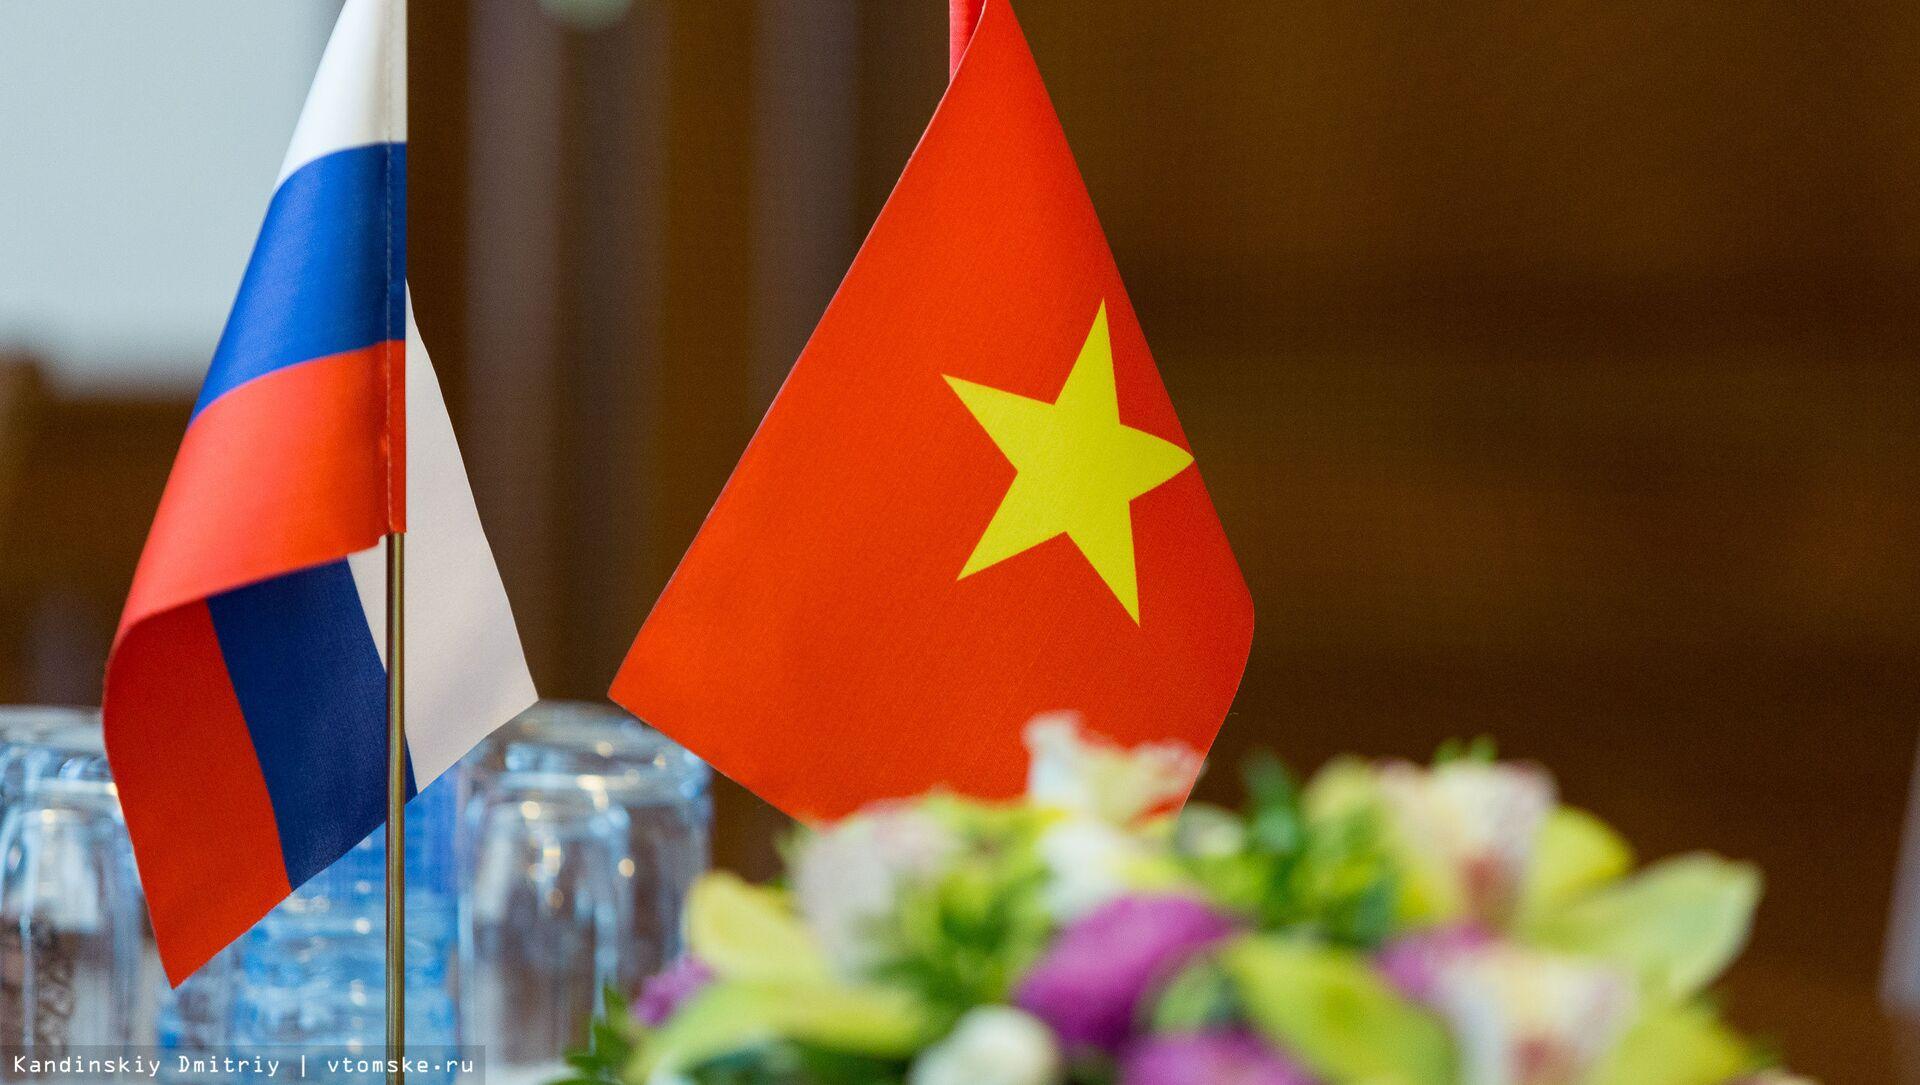 Quốc kỳ Việt Nam và Nga - Sputnik Việt Nam, 1920, 25.03.2021